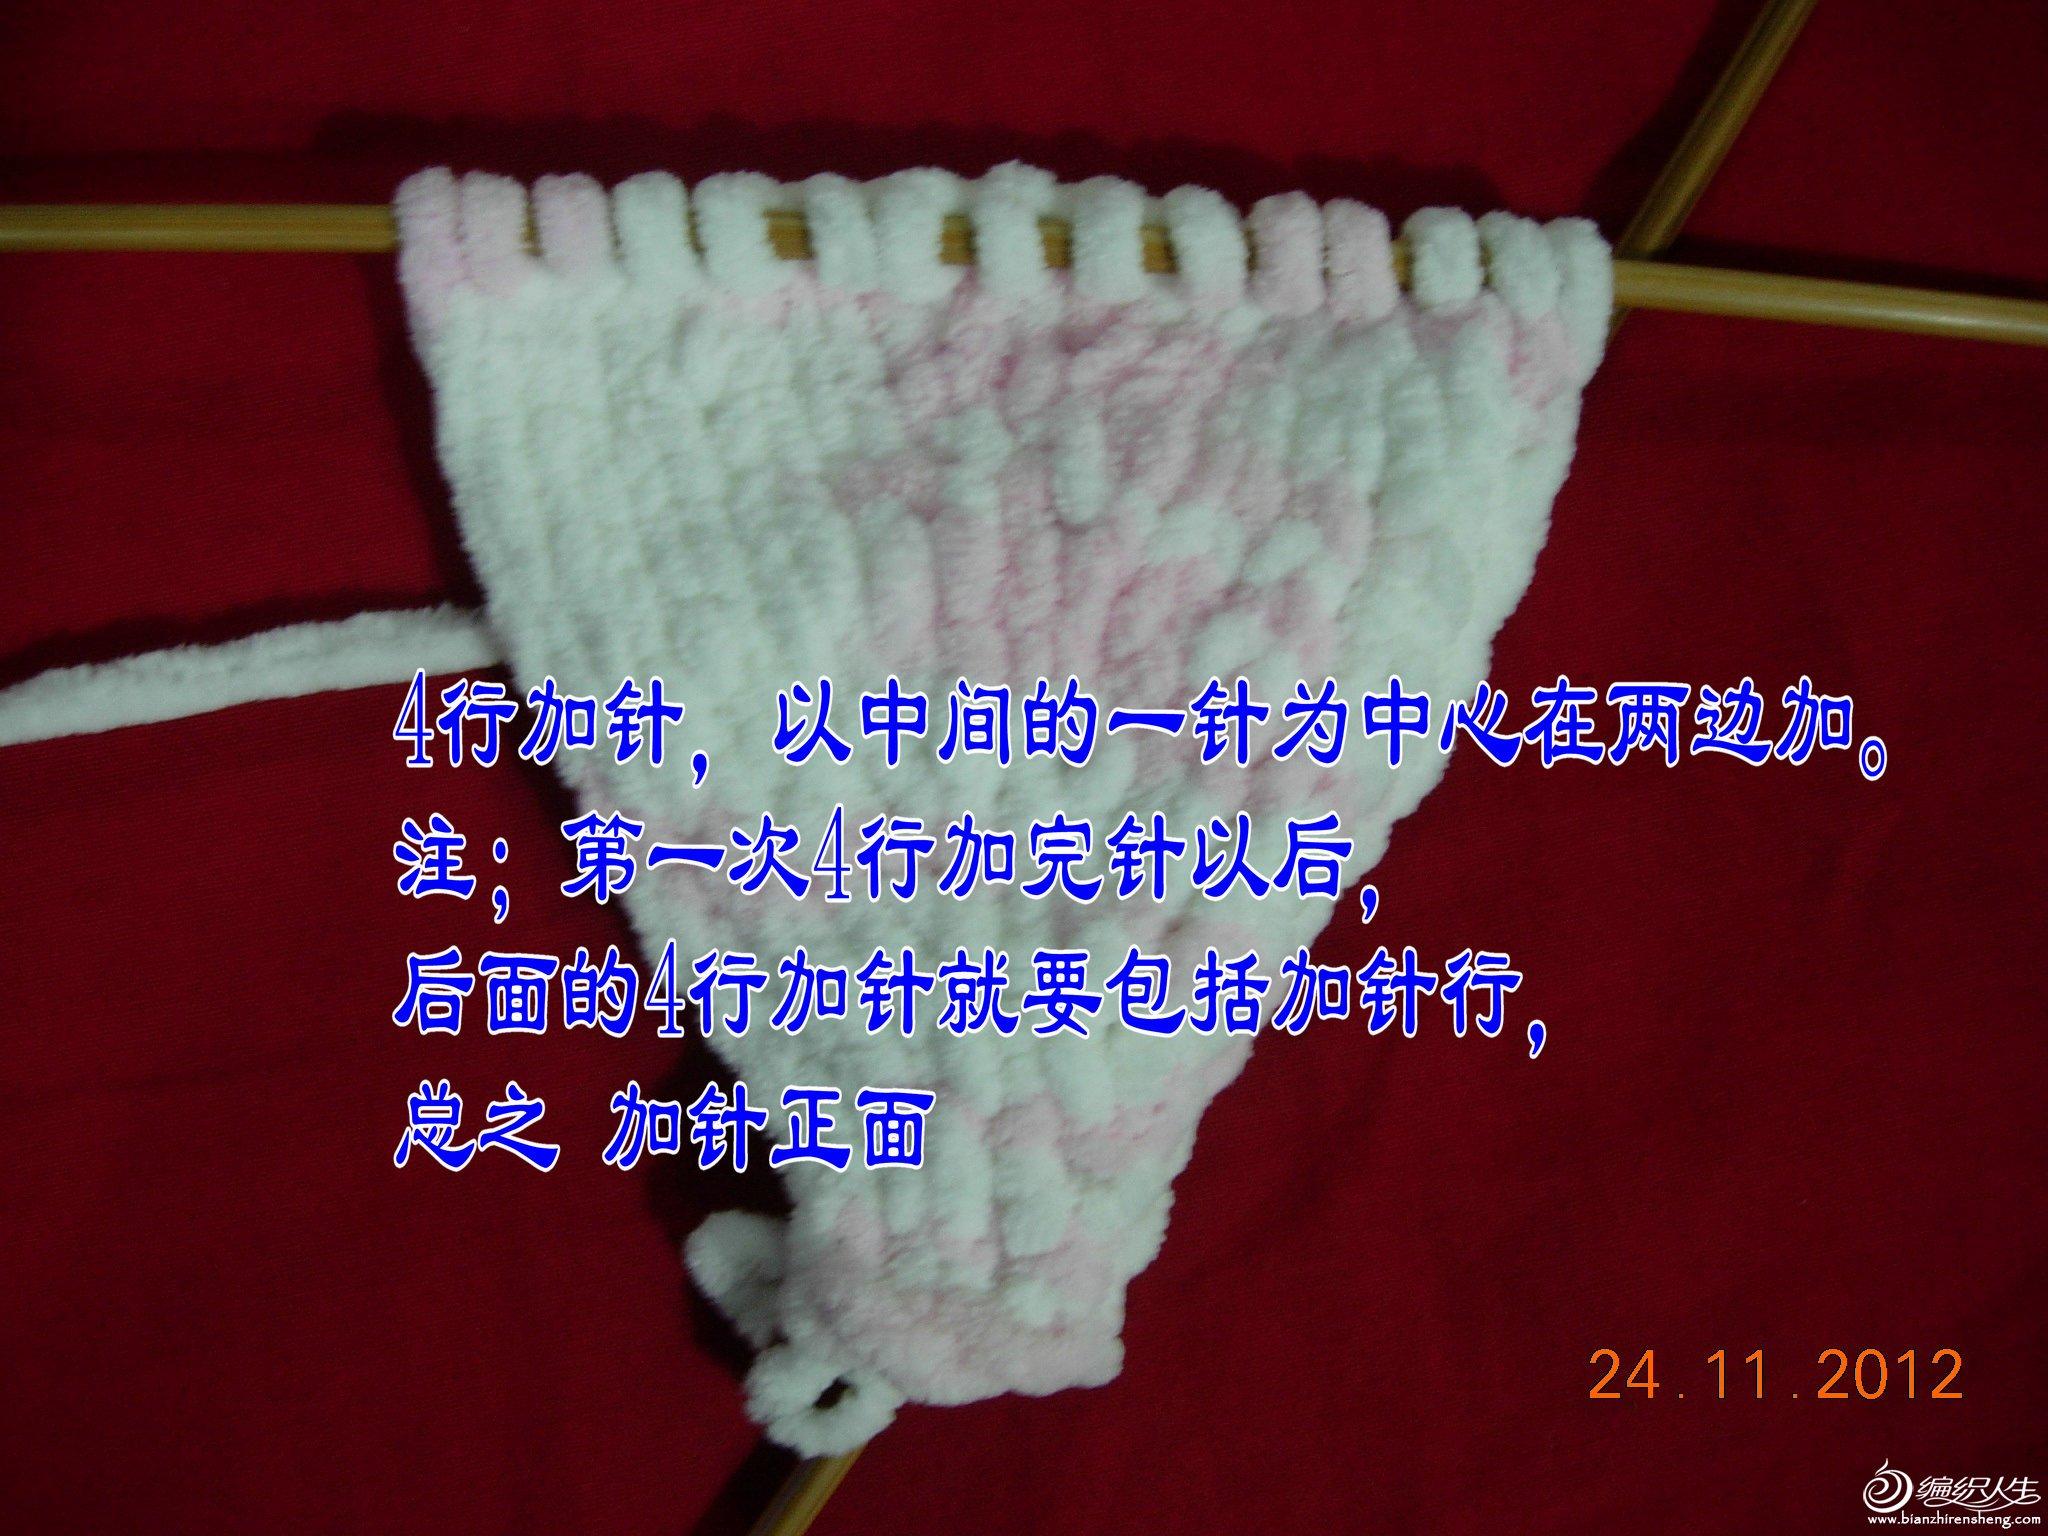 DSCN9807_副本.JPG